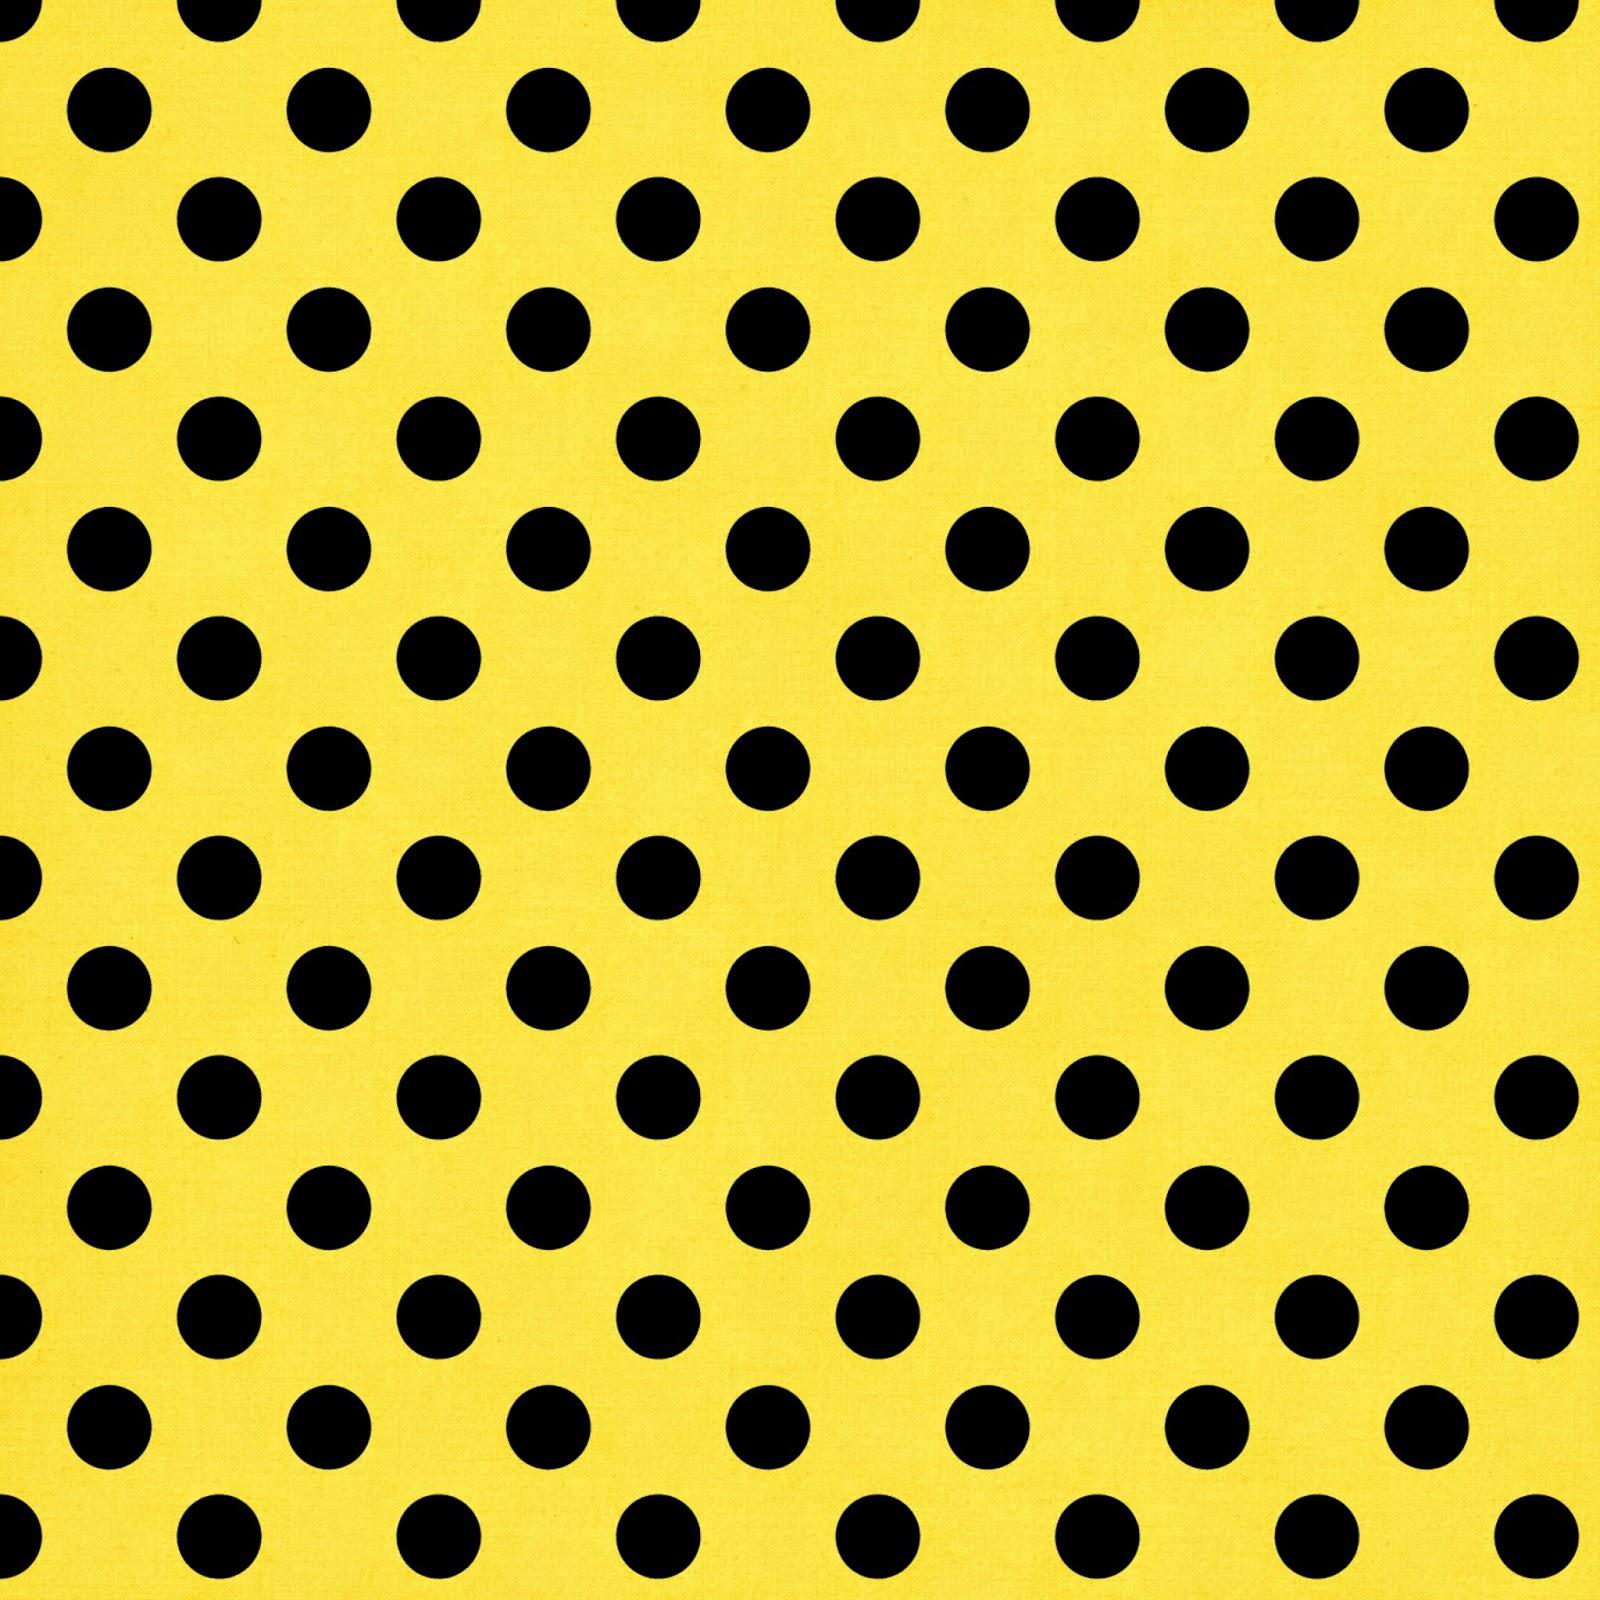 Fondo Amarillo con Lunares Negros Tipo Cómic.